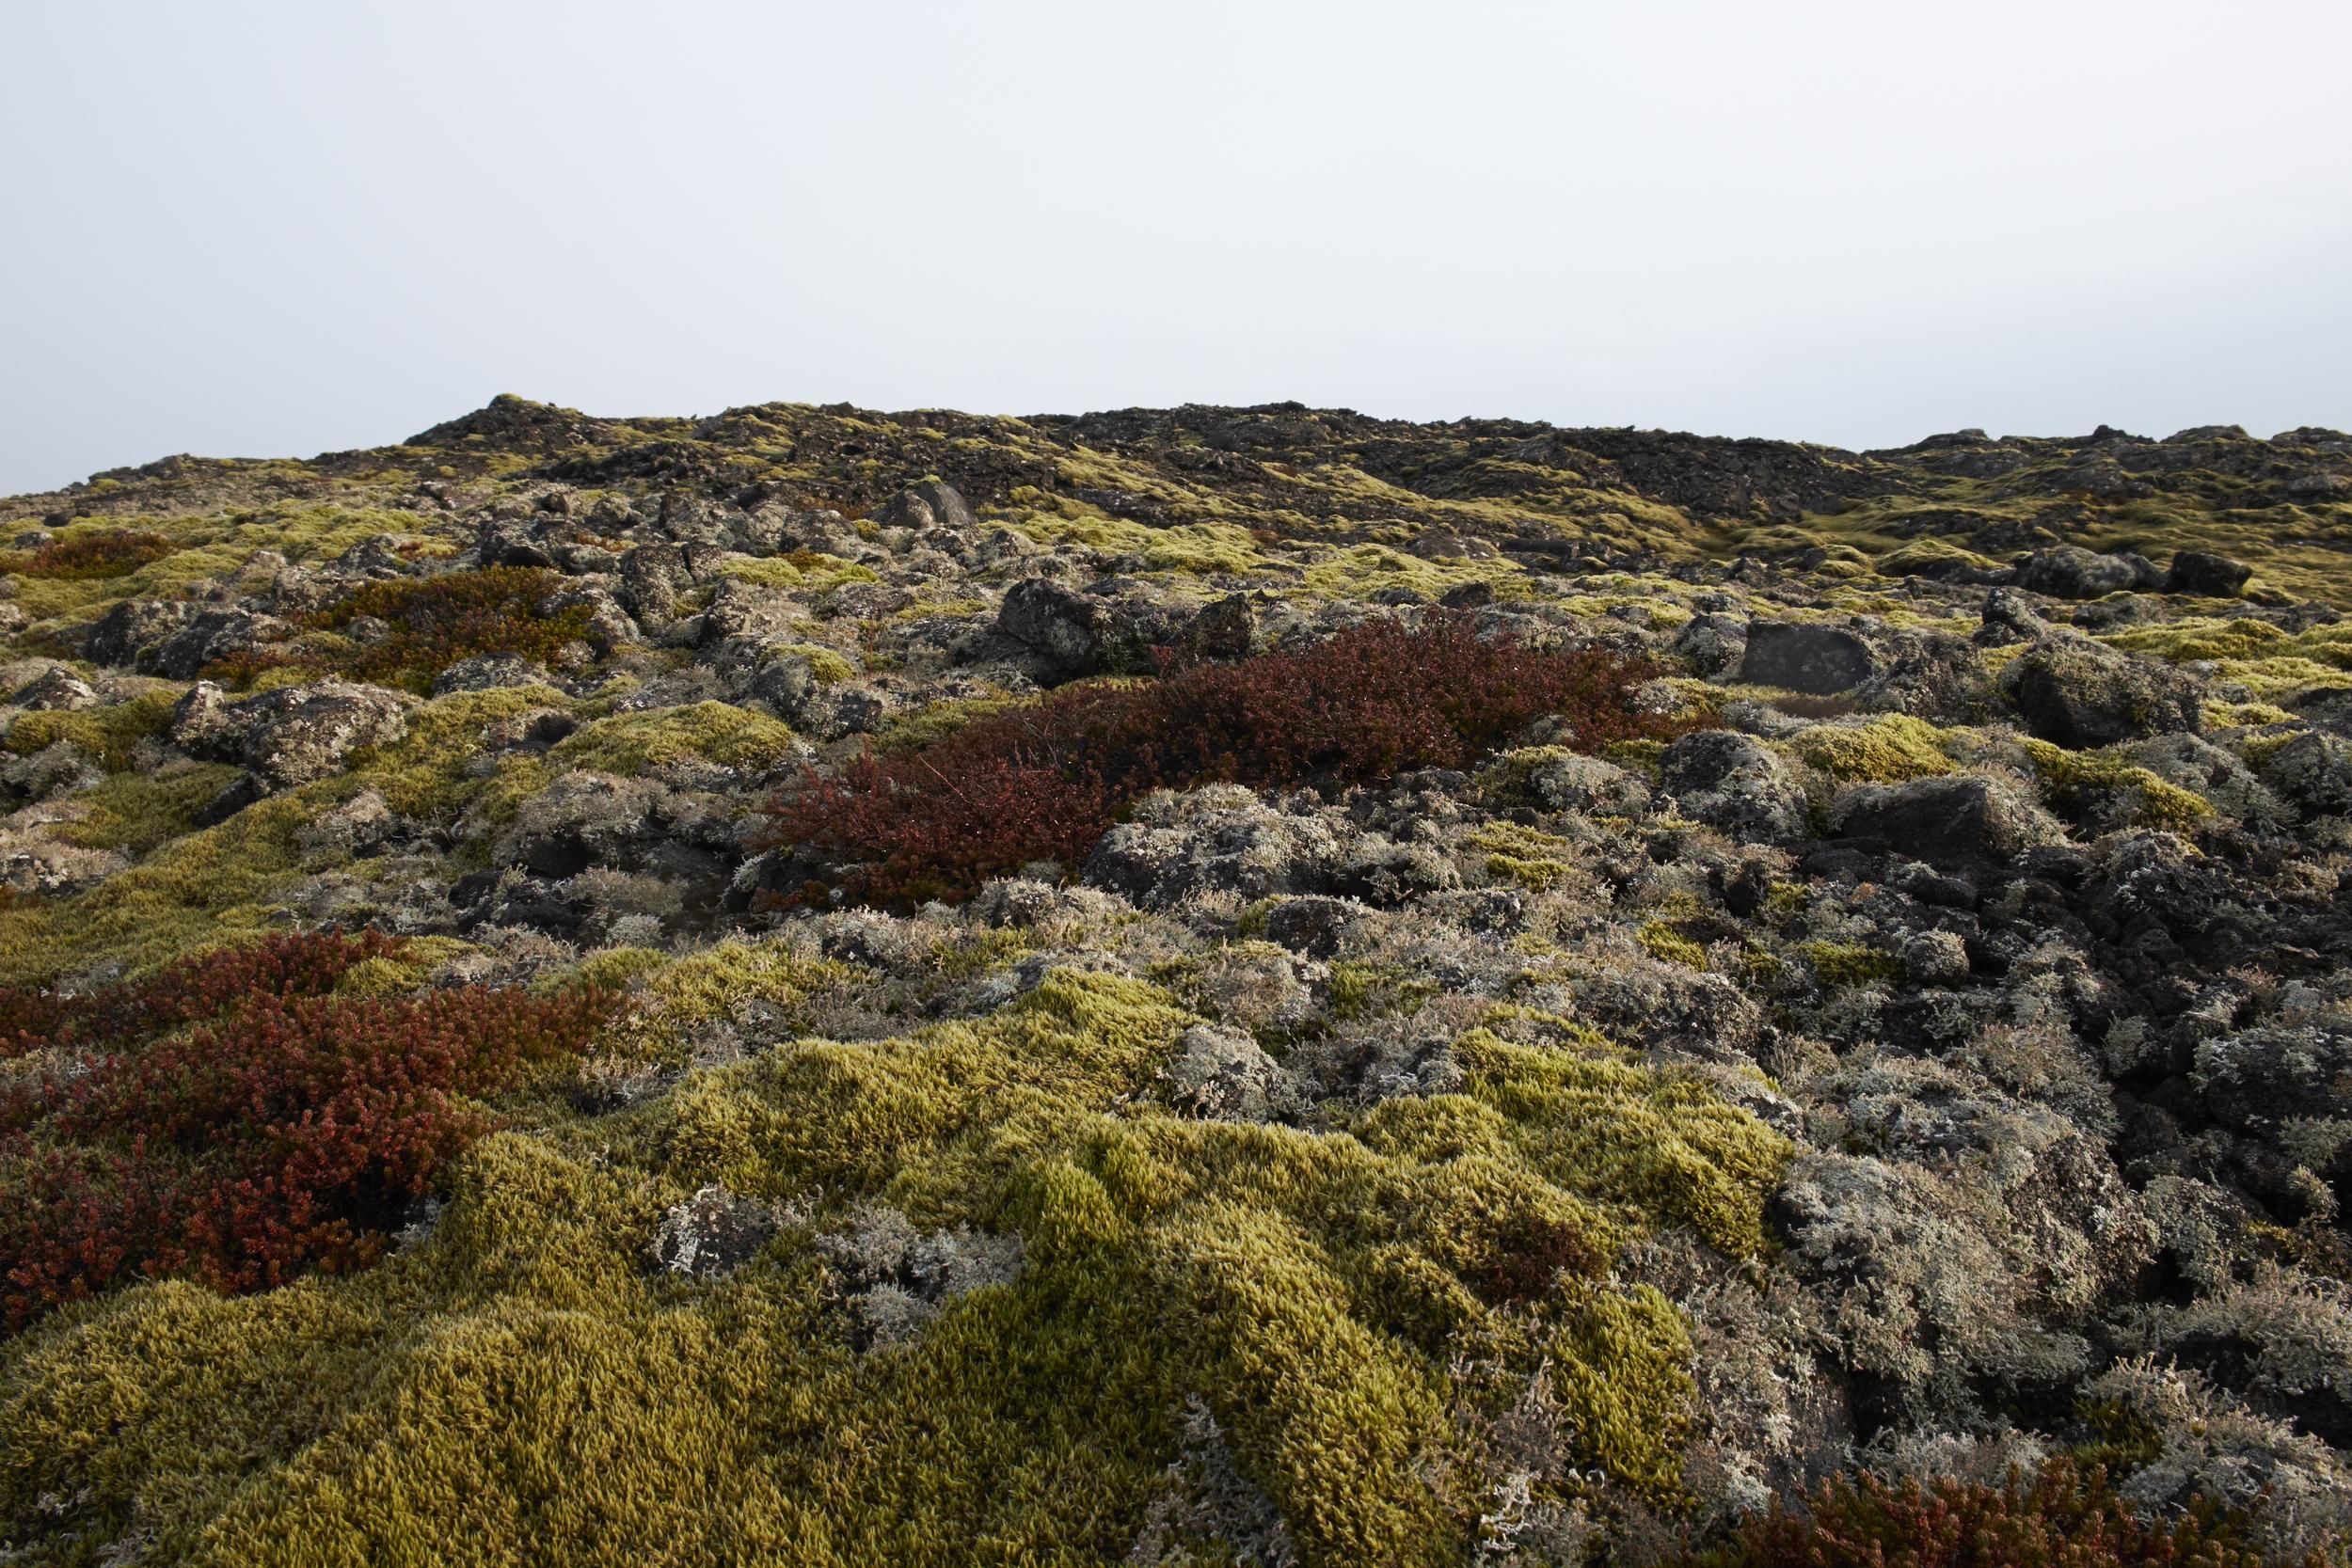 Lunar landscapes in Iceland